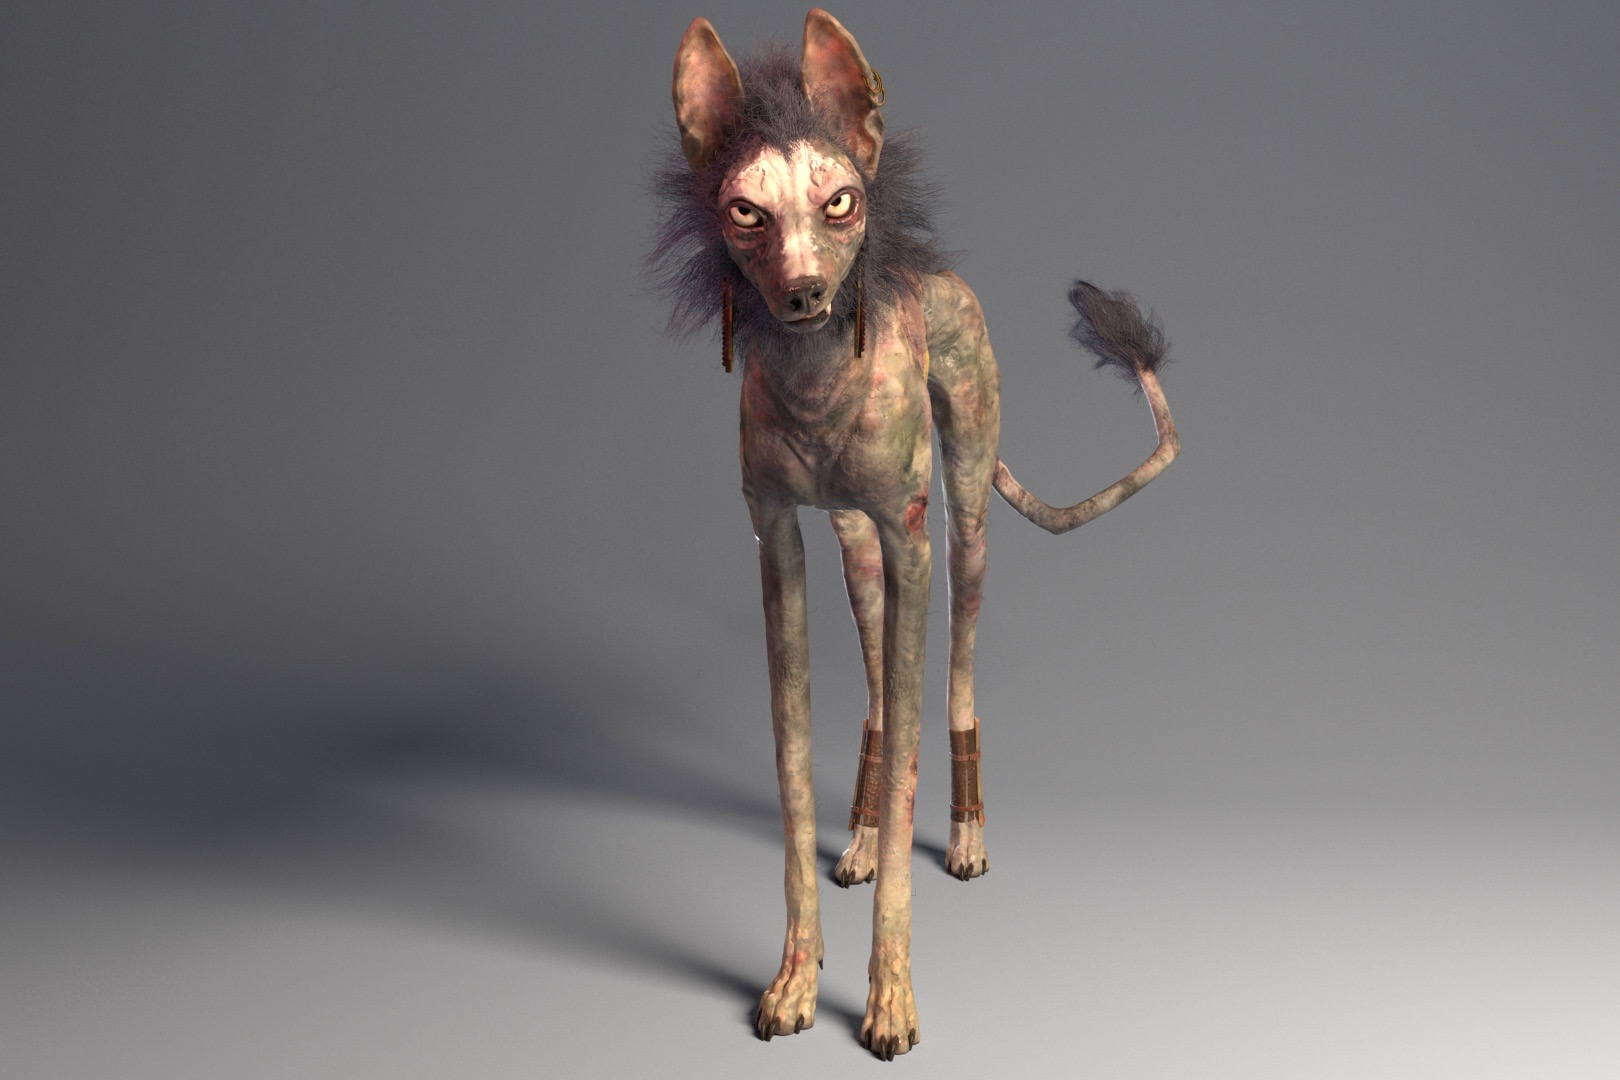 kheelk-graphic-design-the-dog-days